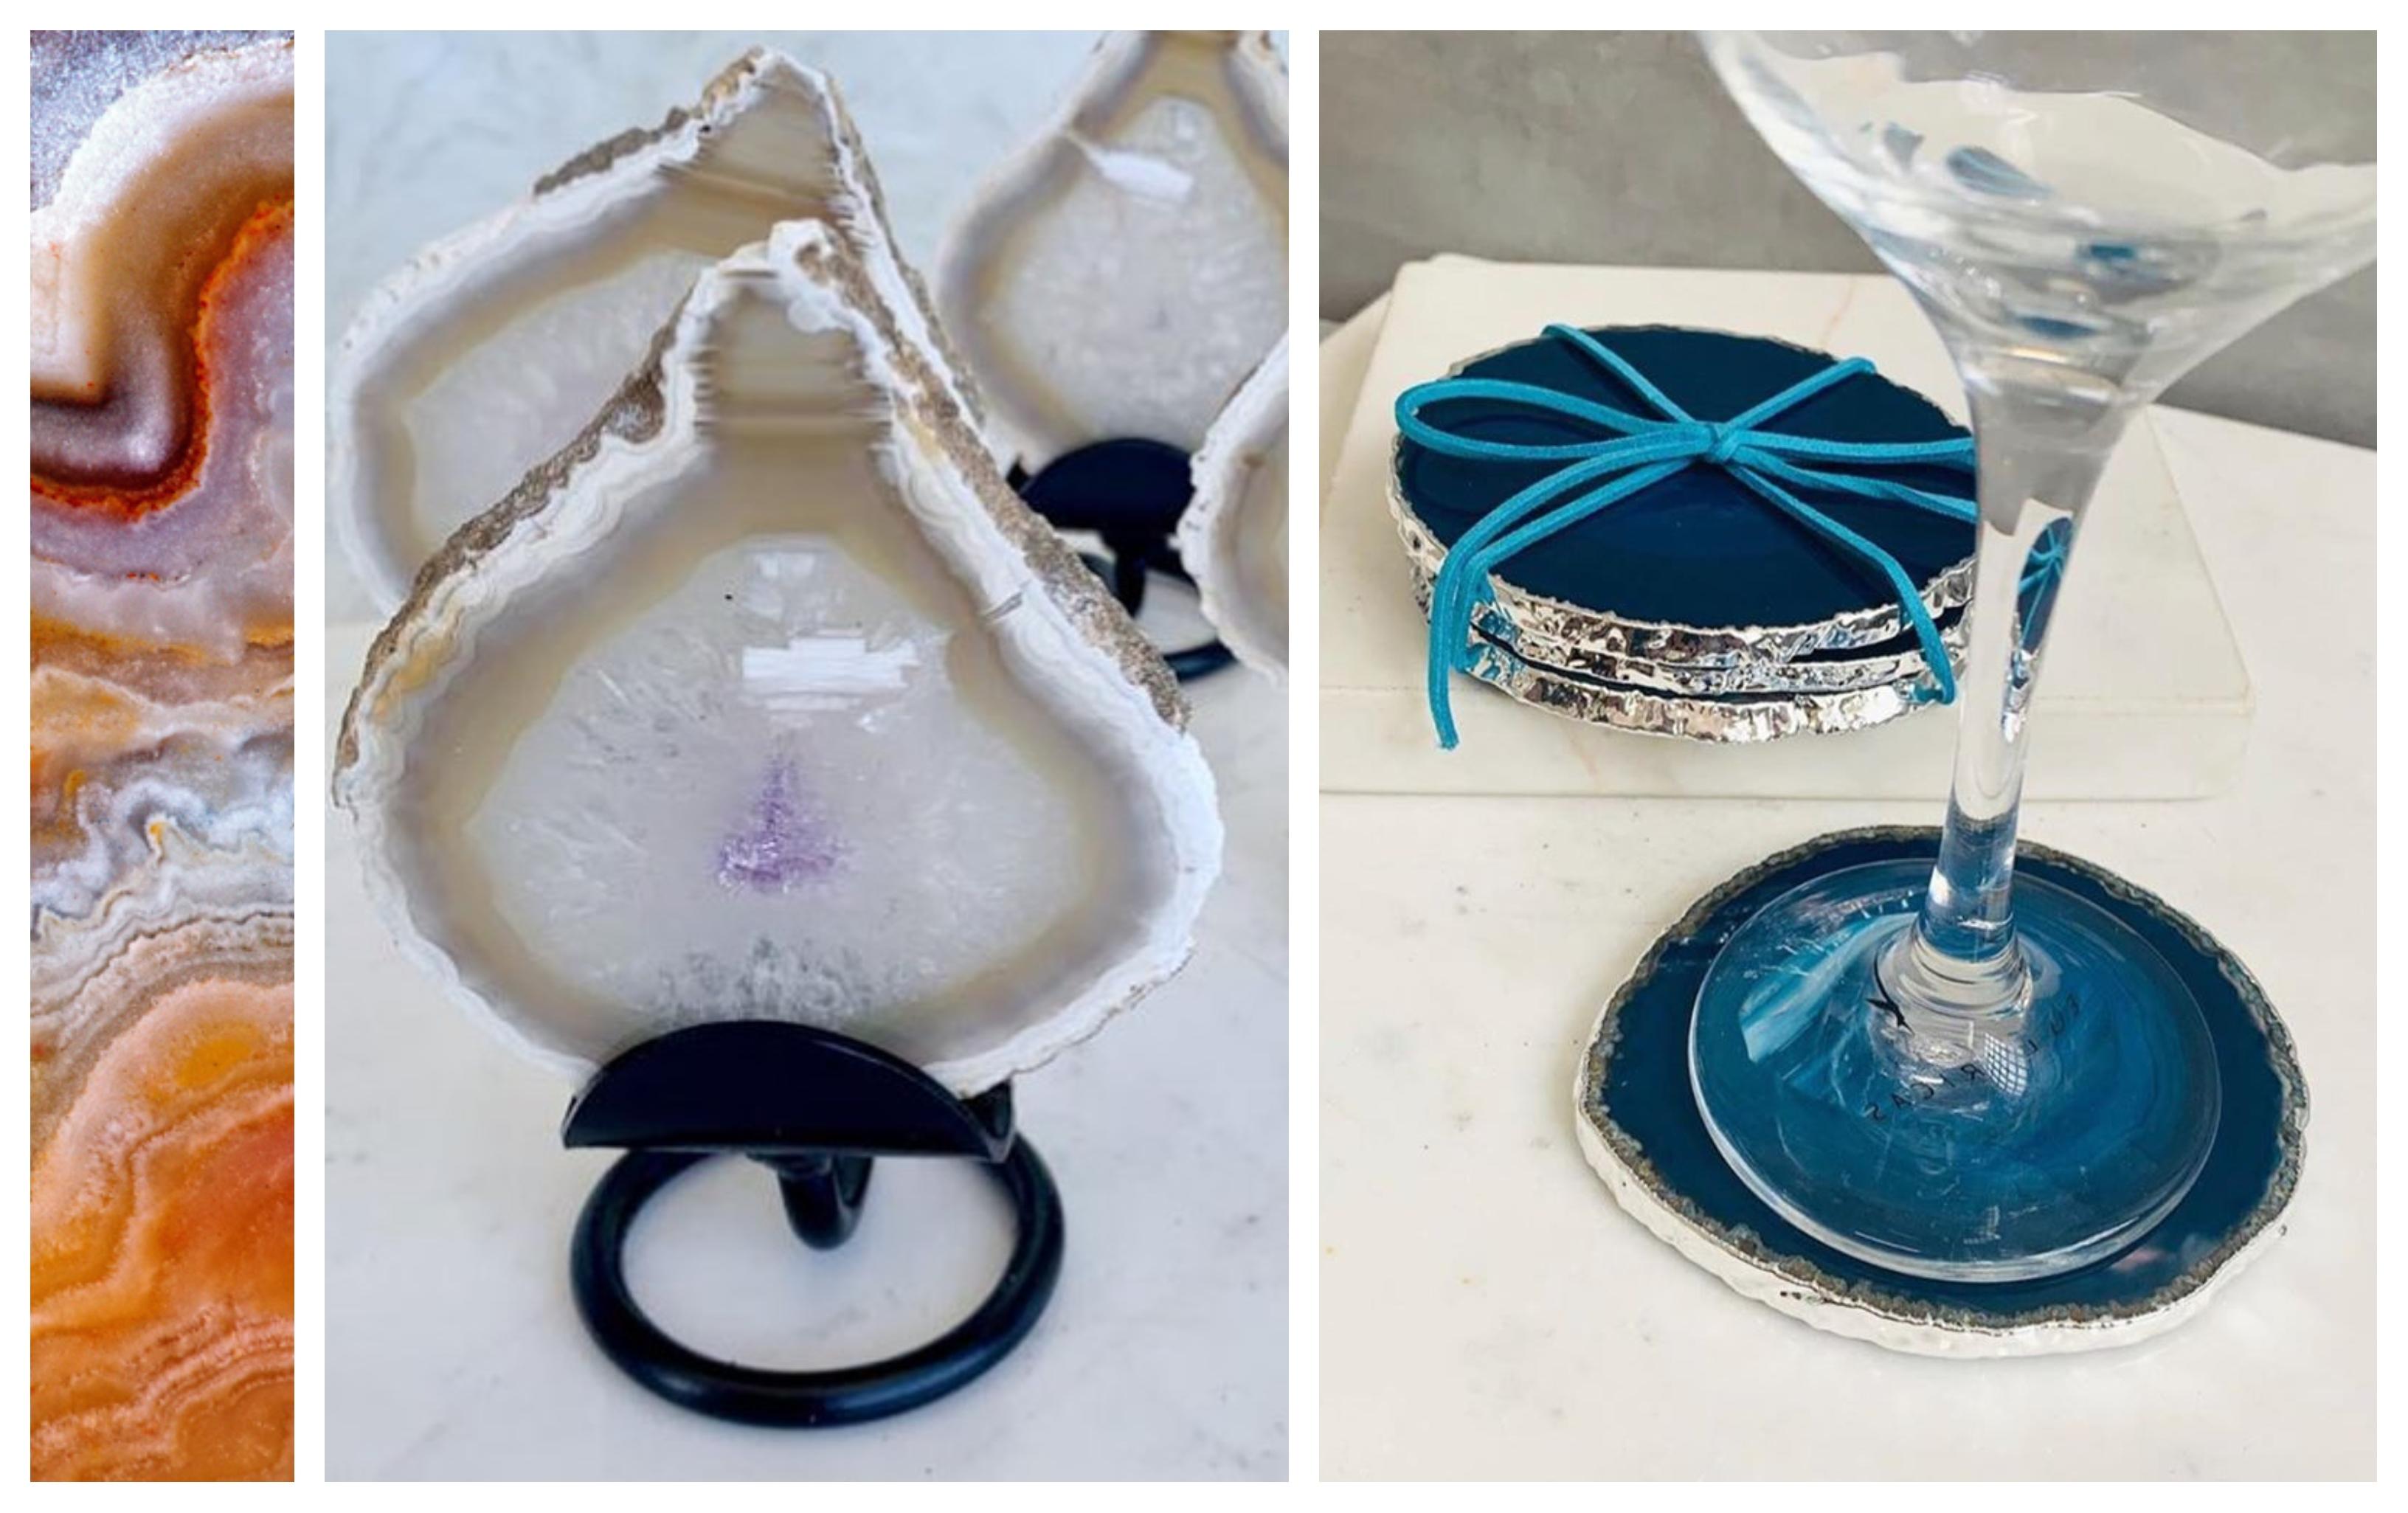 produtos de pedra agata da marca shop dos cristais